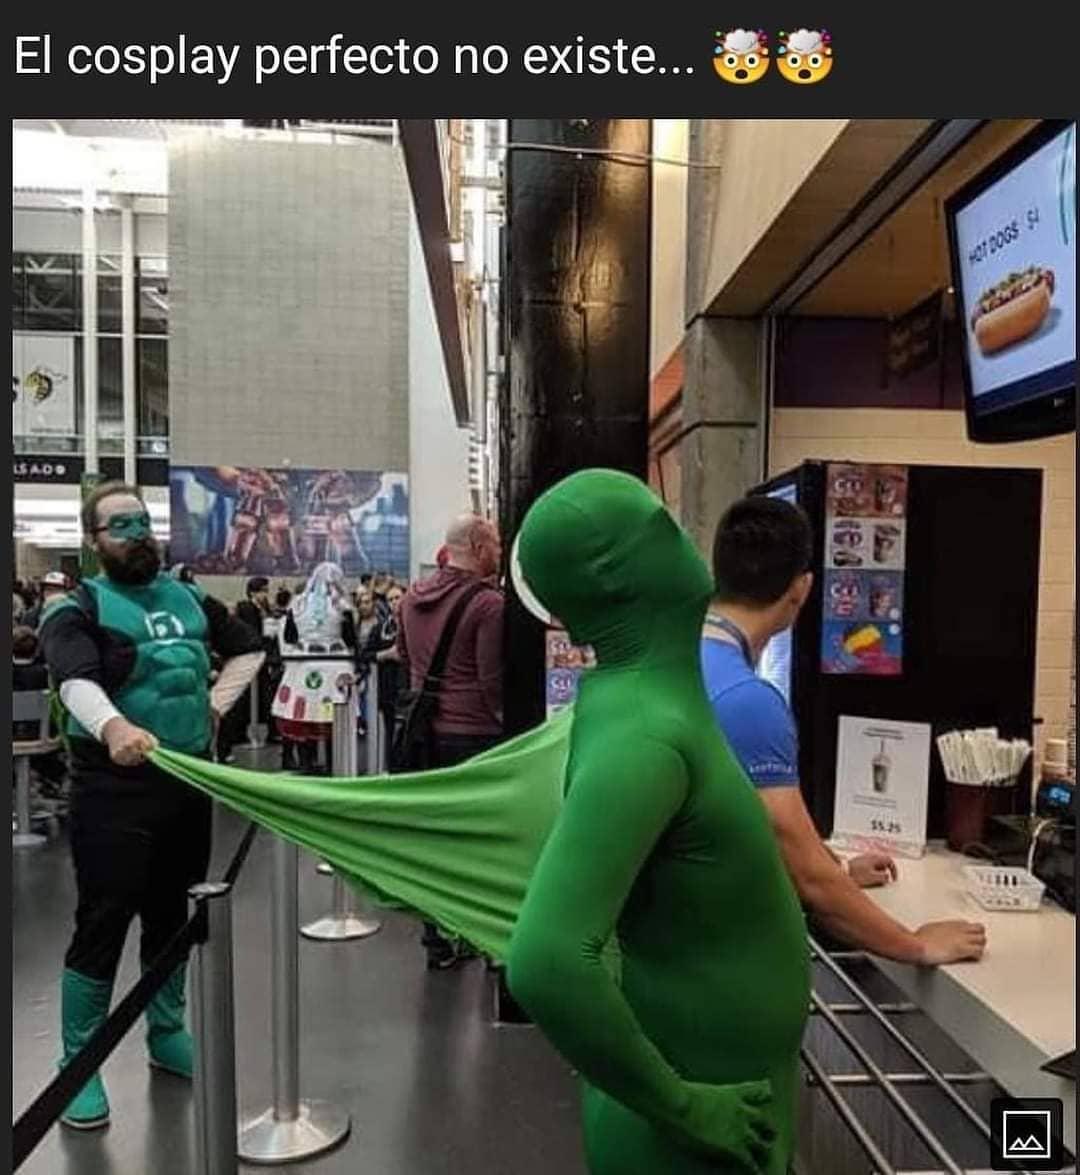 El cosplay perfecto no existe...